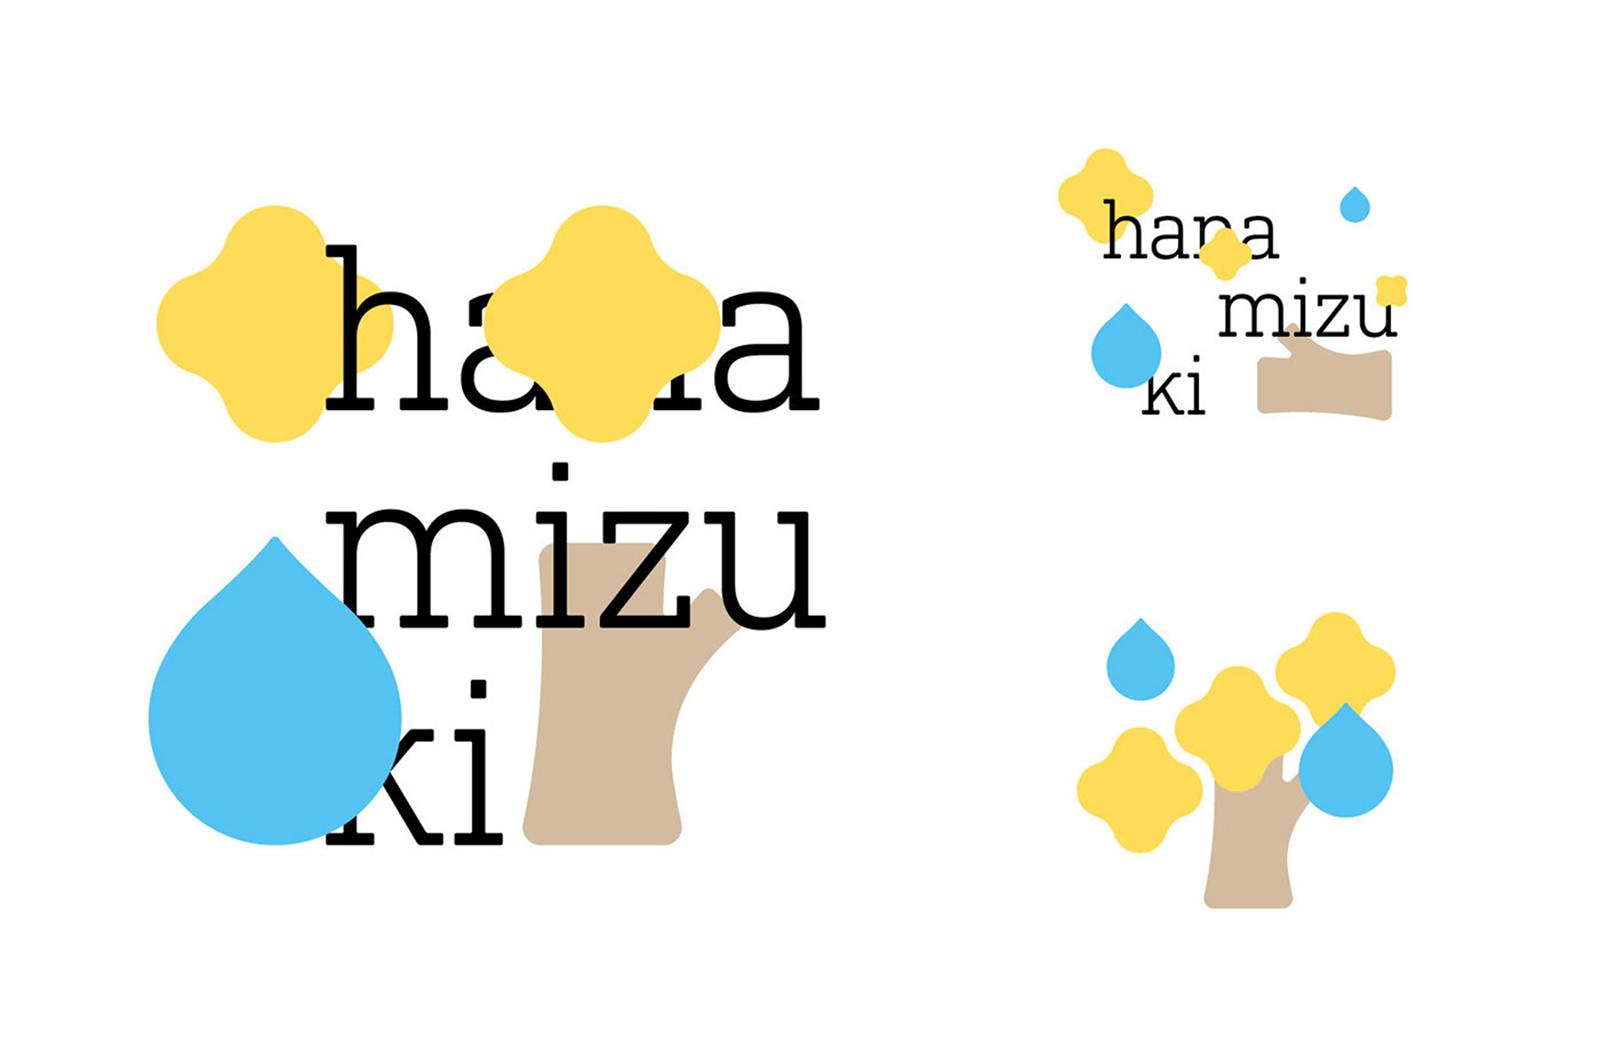 花水木居家清洁用品品牌形象设计欣赏-深圳VI设计5